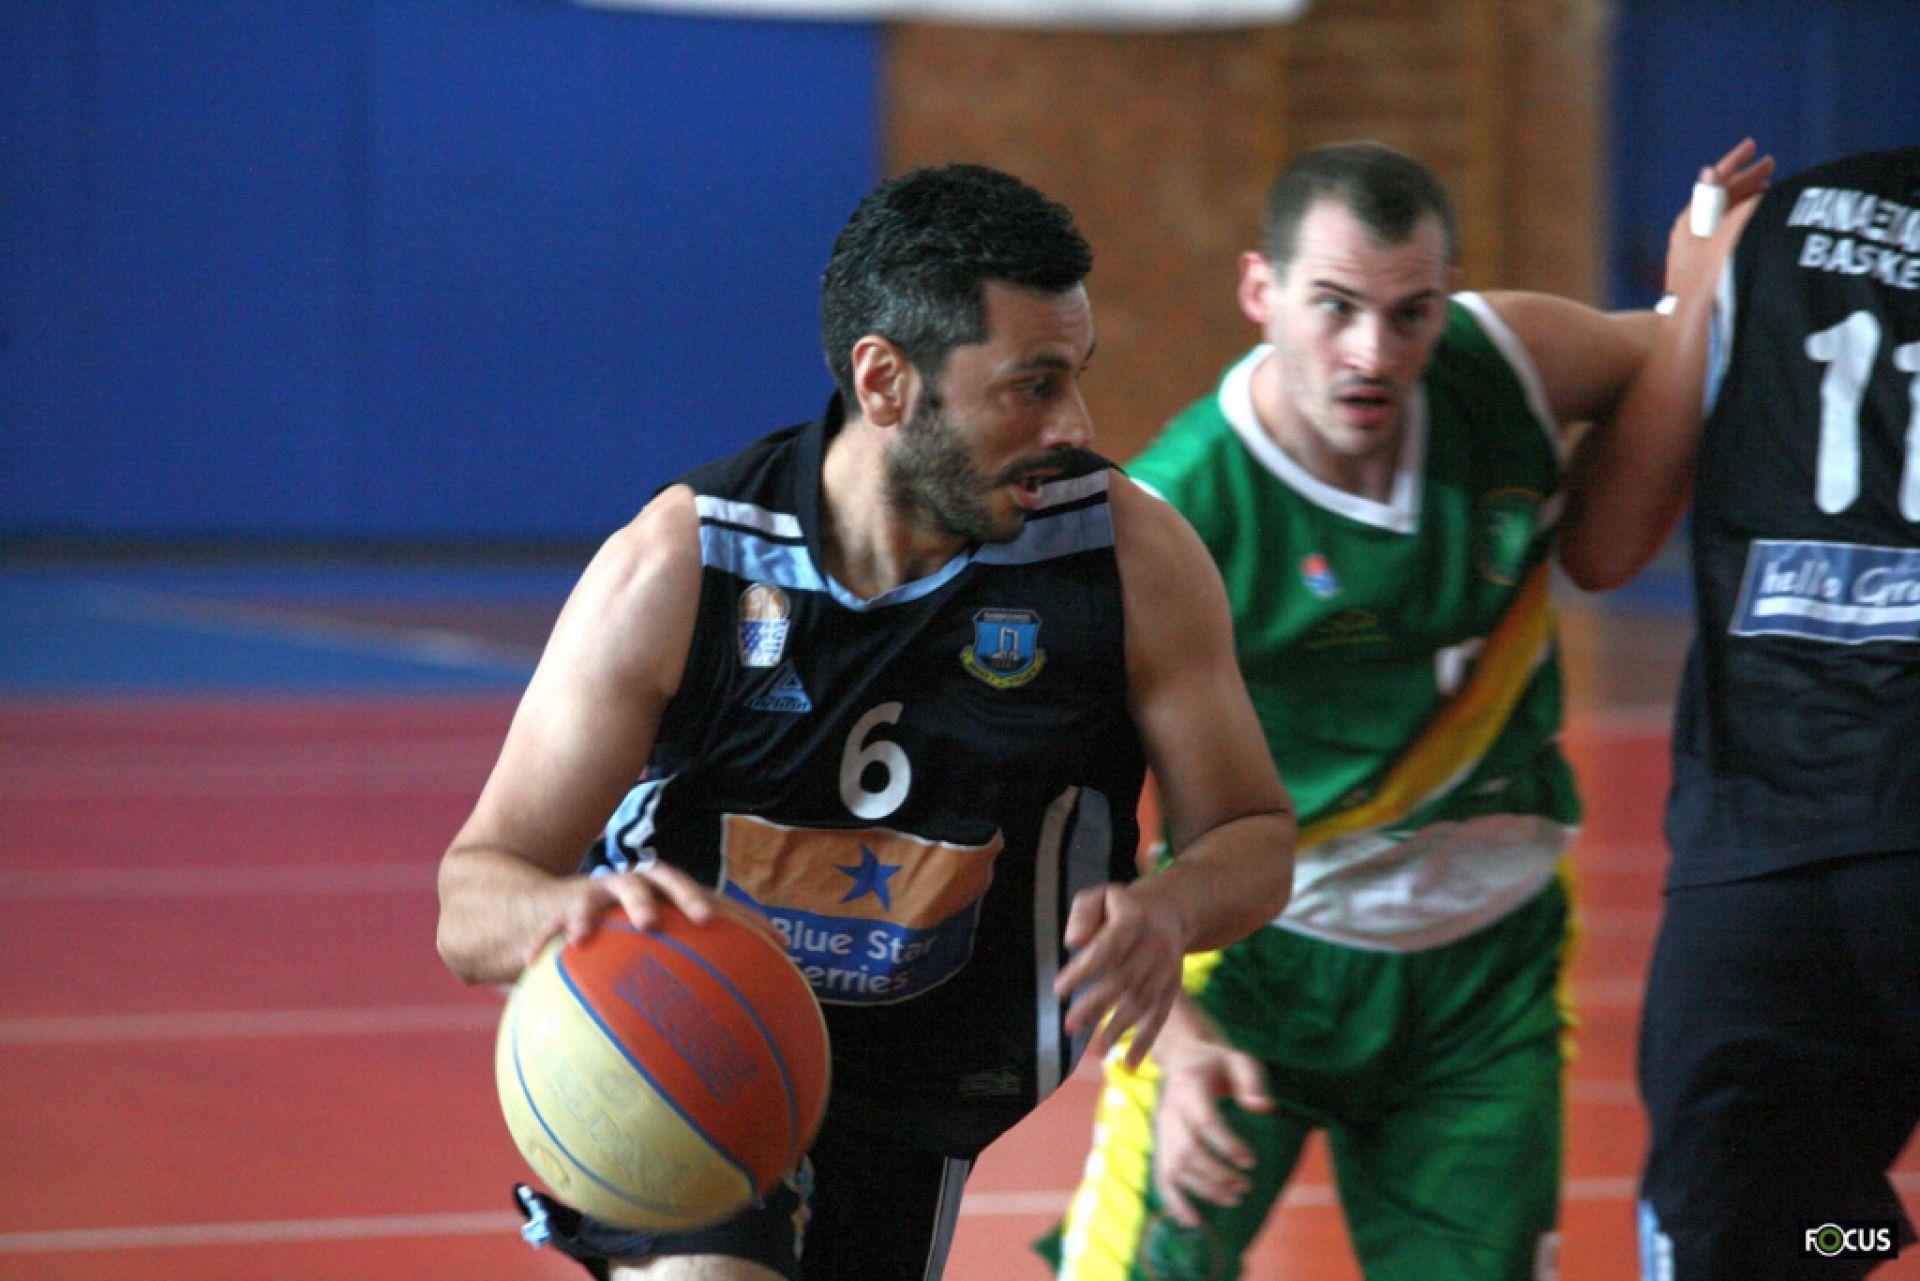 Καλαβρός: «Λείπει μια ισχυρή διοίκηση στο τμήμα μπάσκετ»